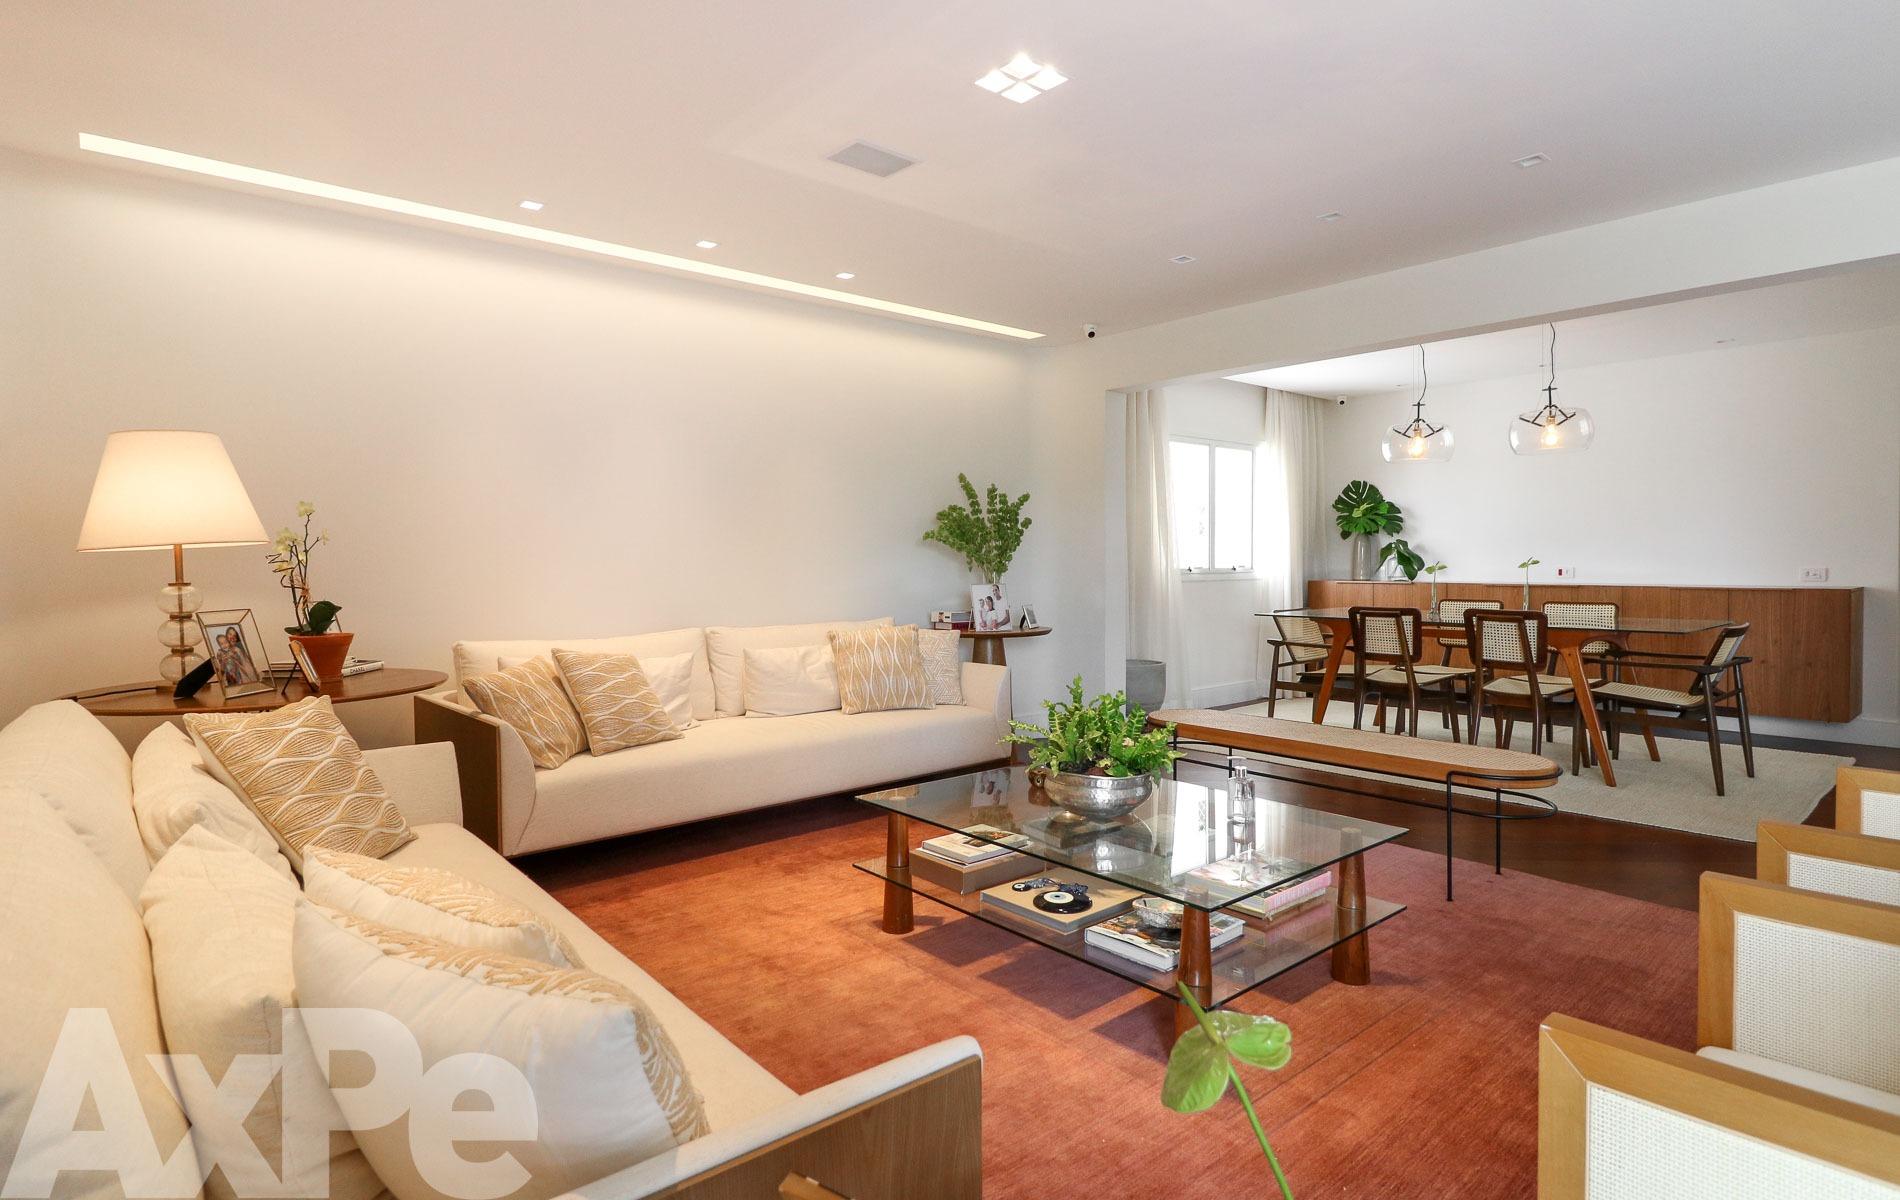 Axpe Apartamento - AX147616